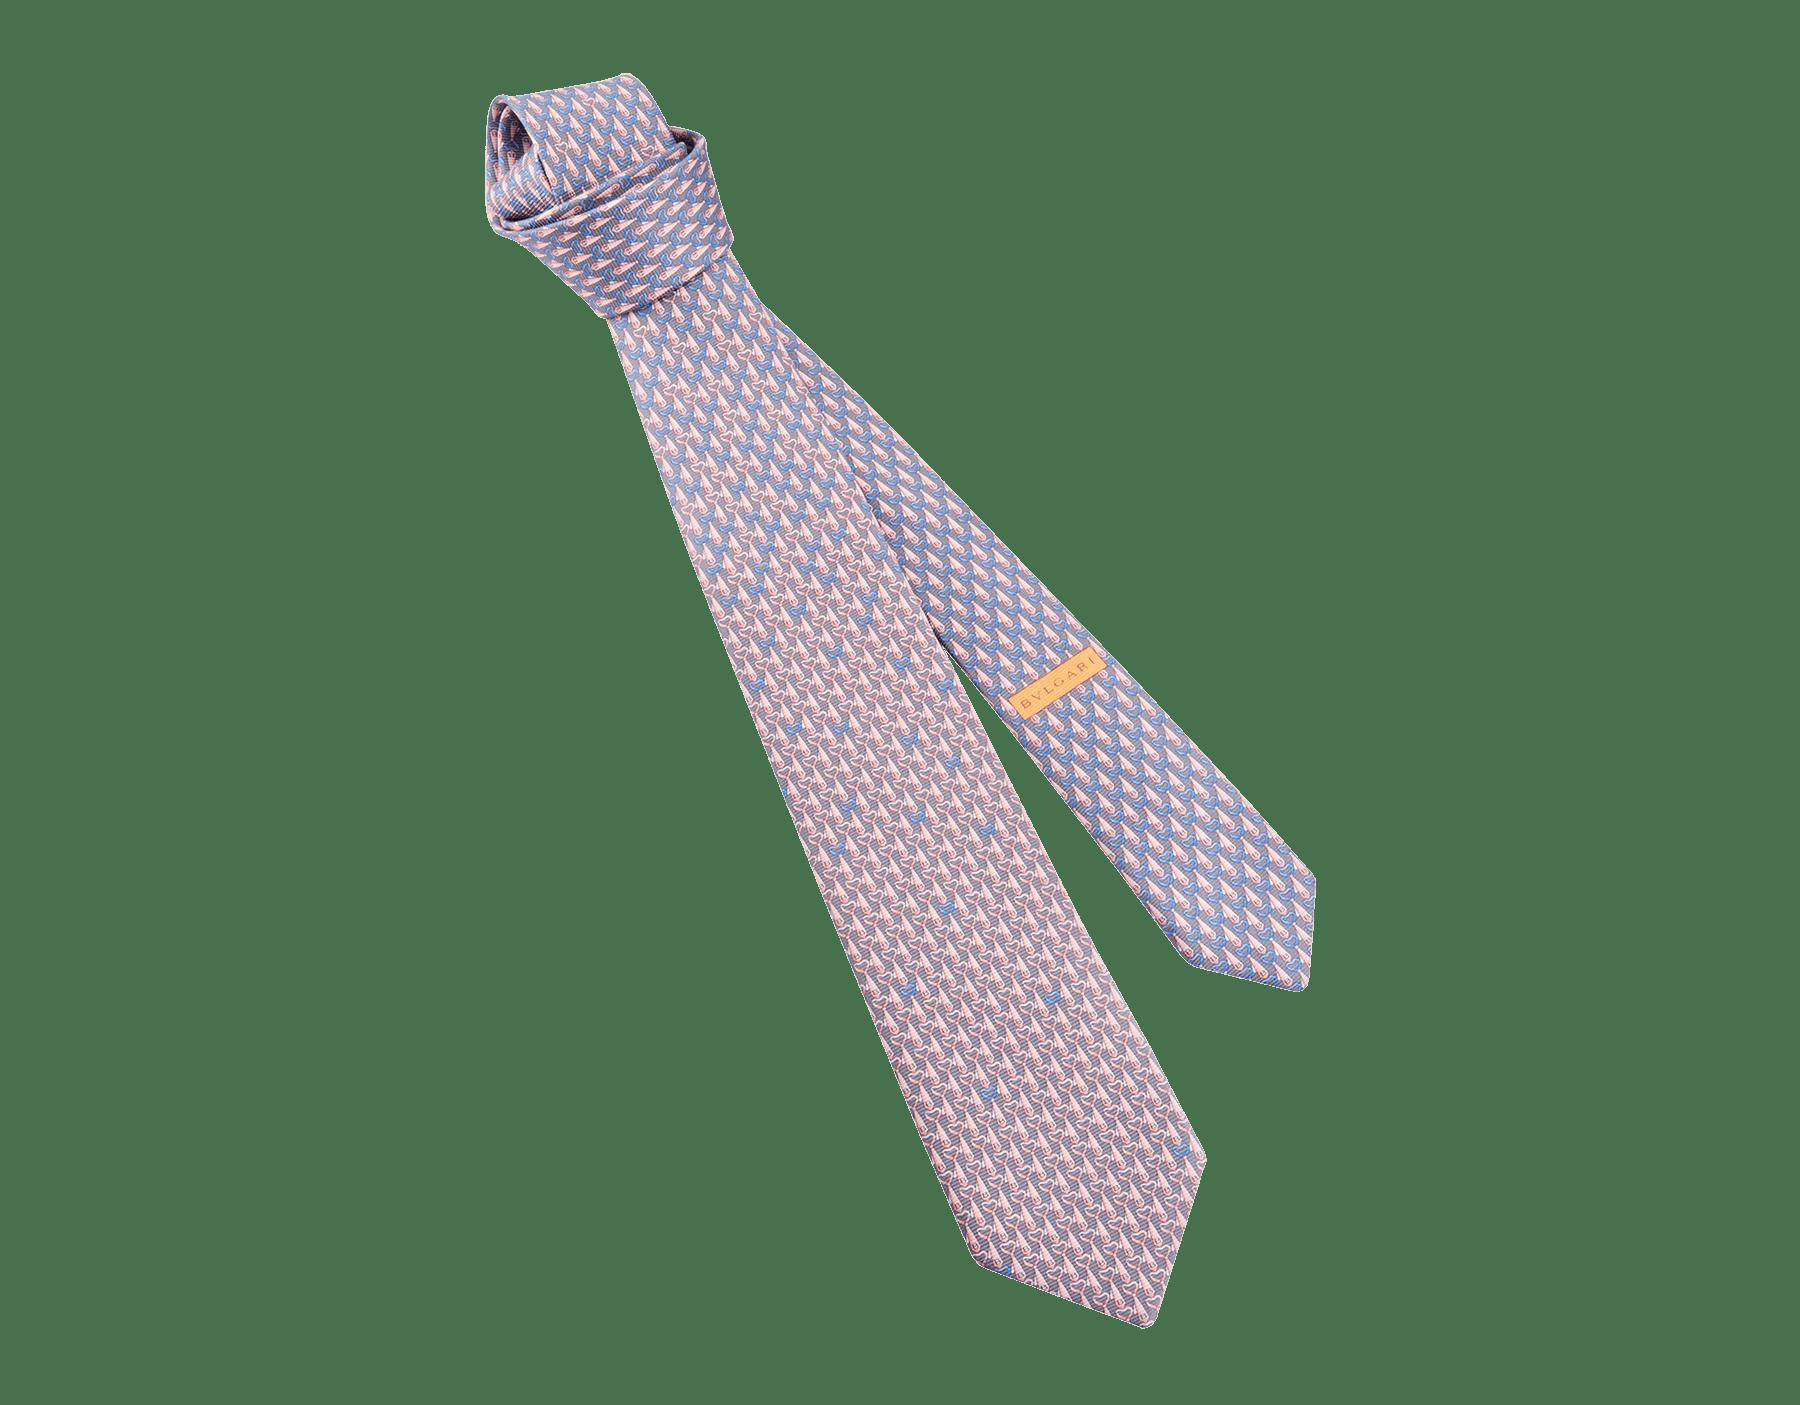 Cravate sept plis Daddy's Party21 en serge de soie fine imprimée violette. DADDYSPARTY21 image 1